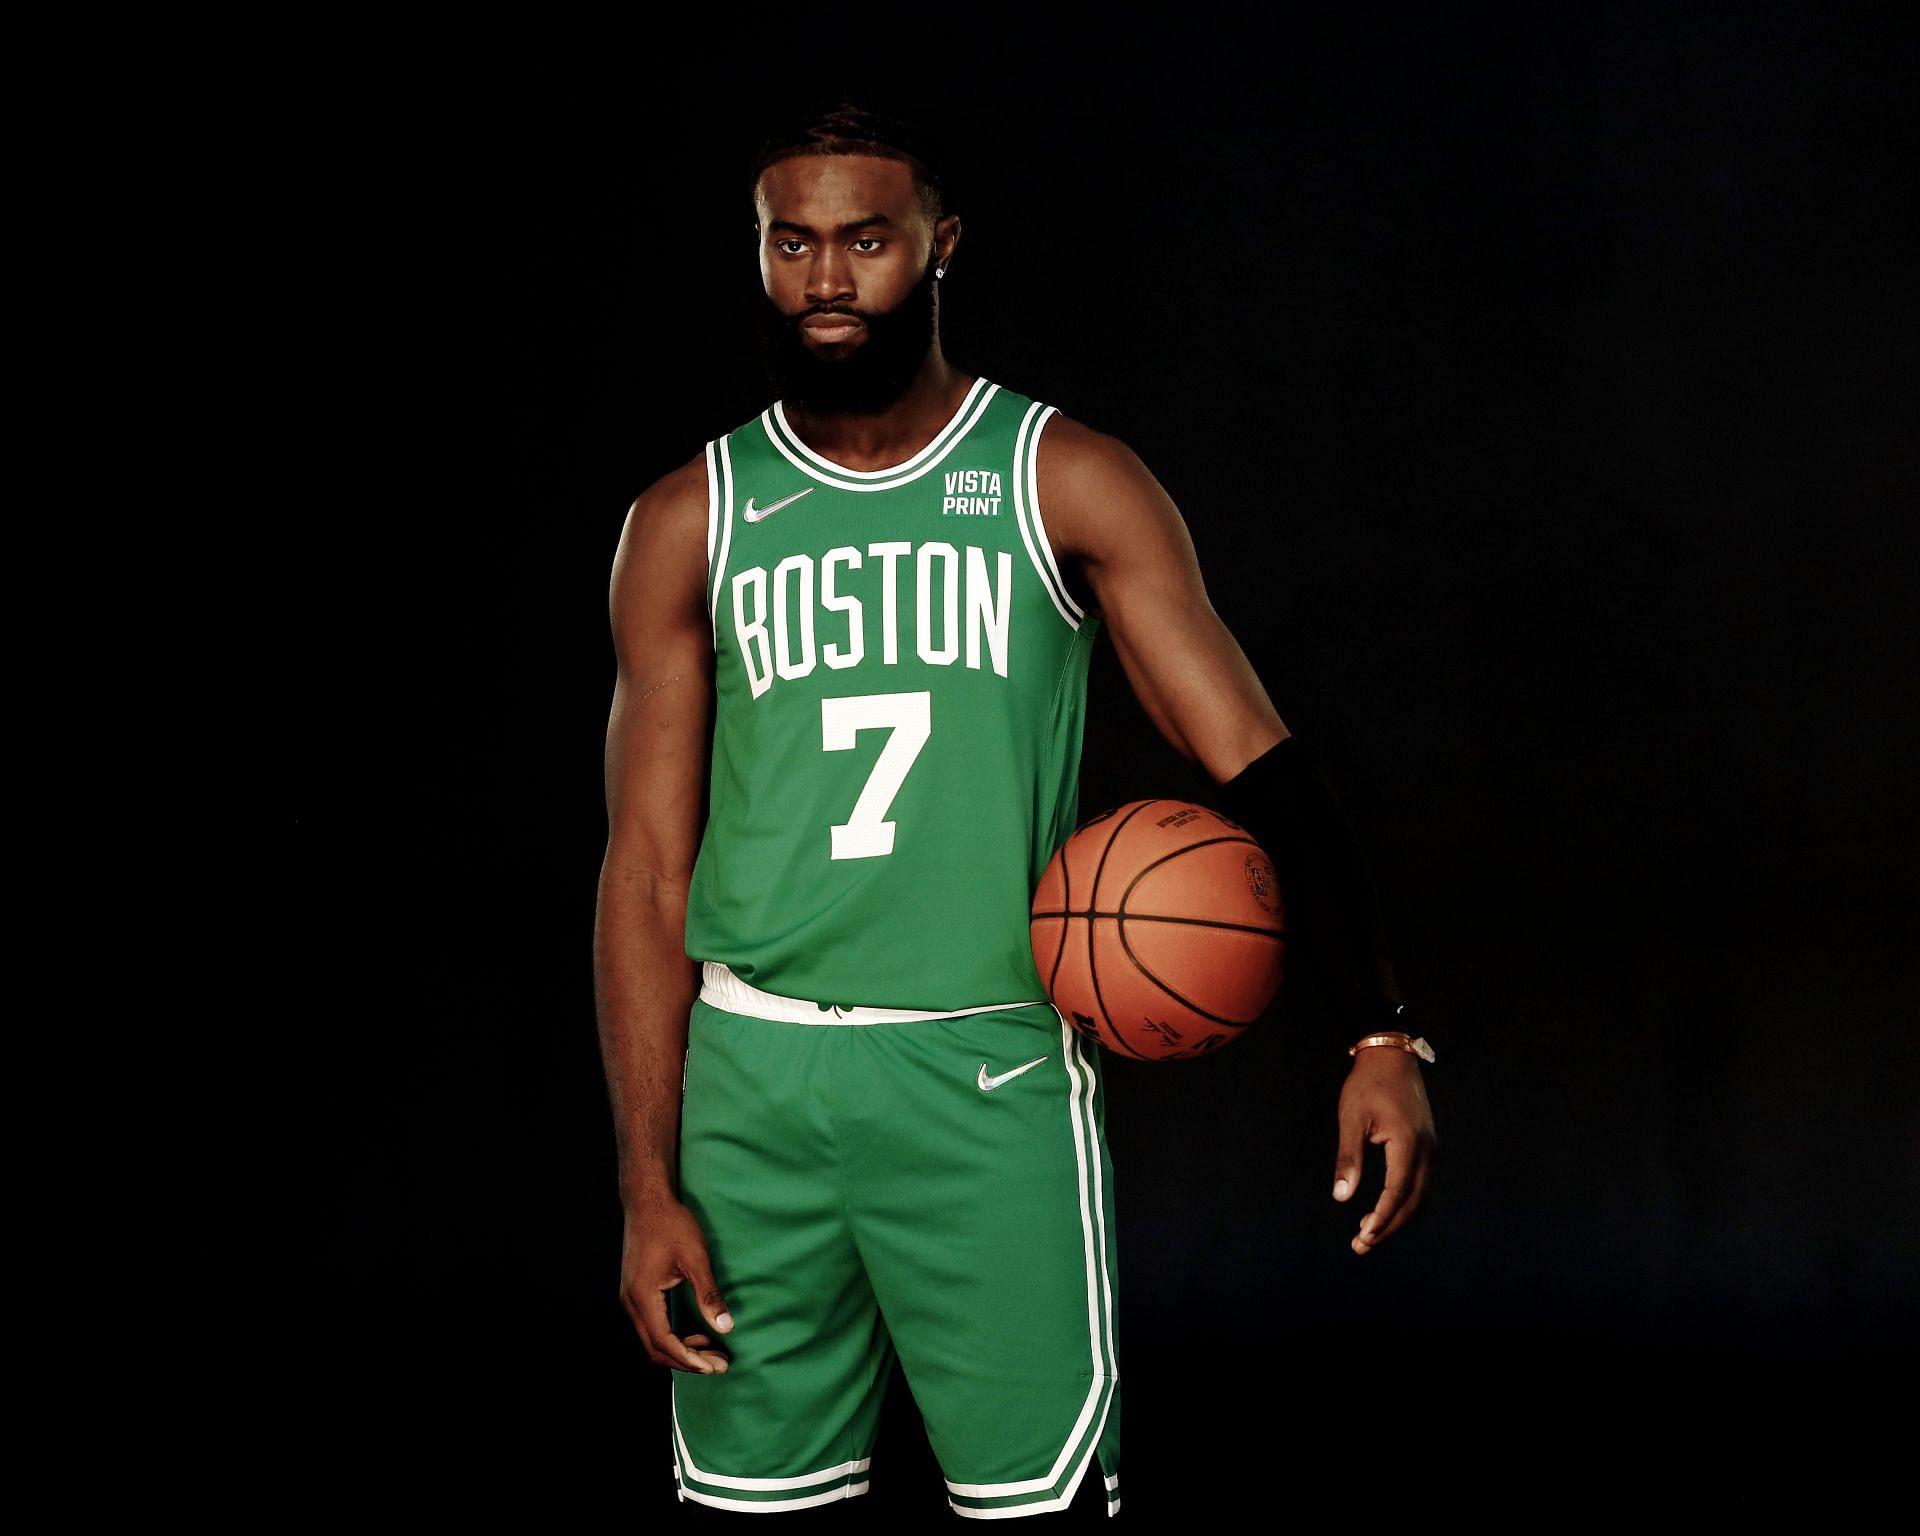 Boston Celtics All-Star Jaylen Brown